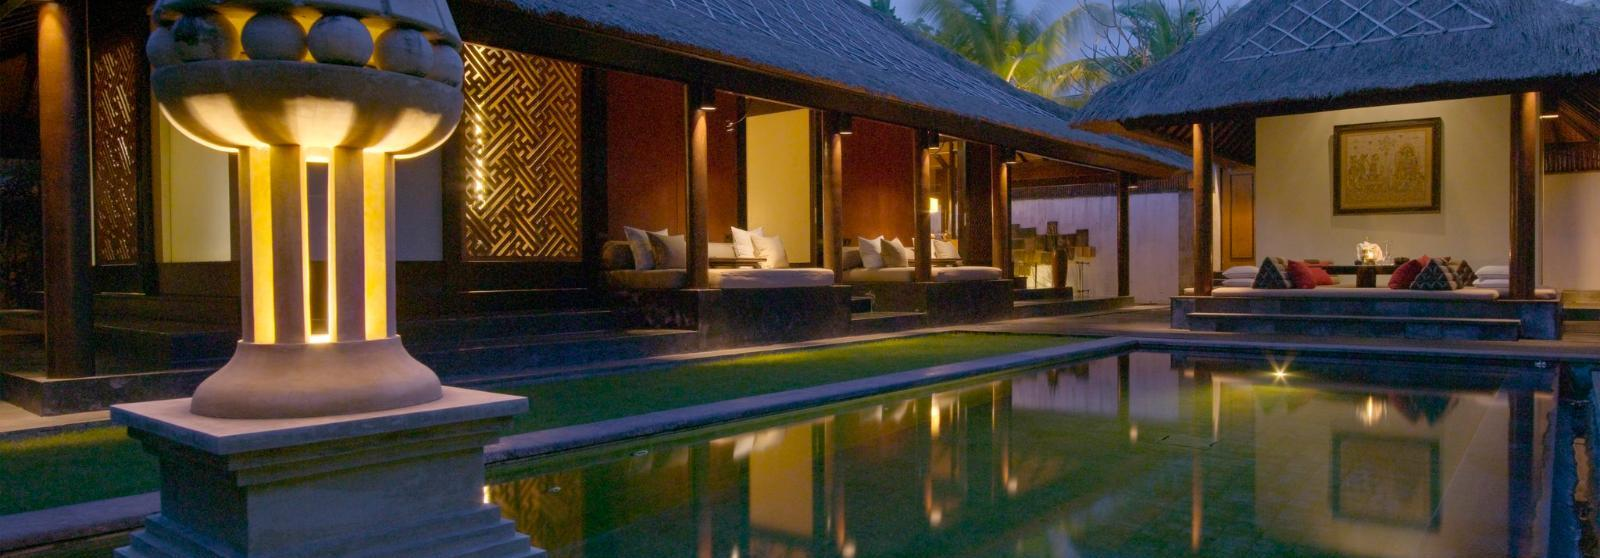 巴厘岛水明漾乐吉安度假酒店(The Legian Seminyak, Bali) 图片  www.lhw.cn